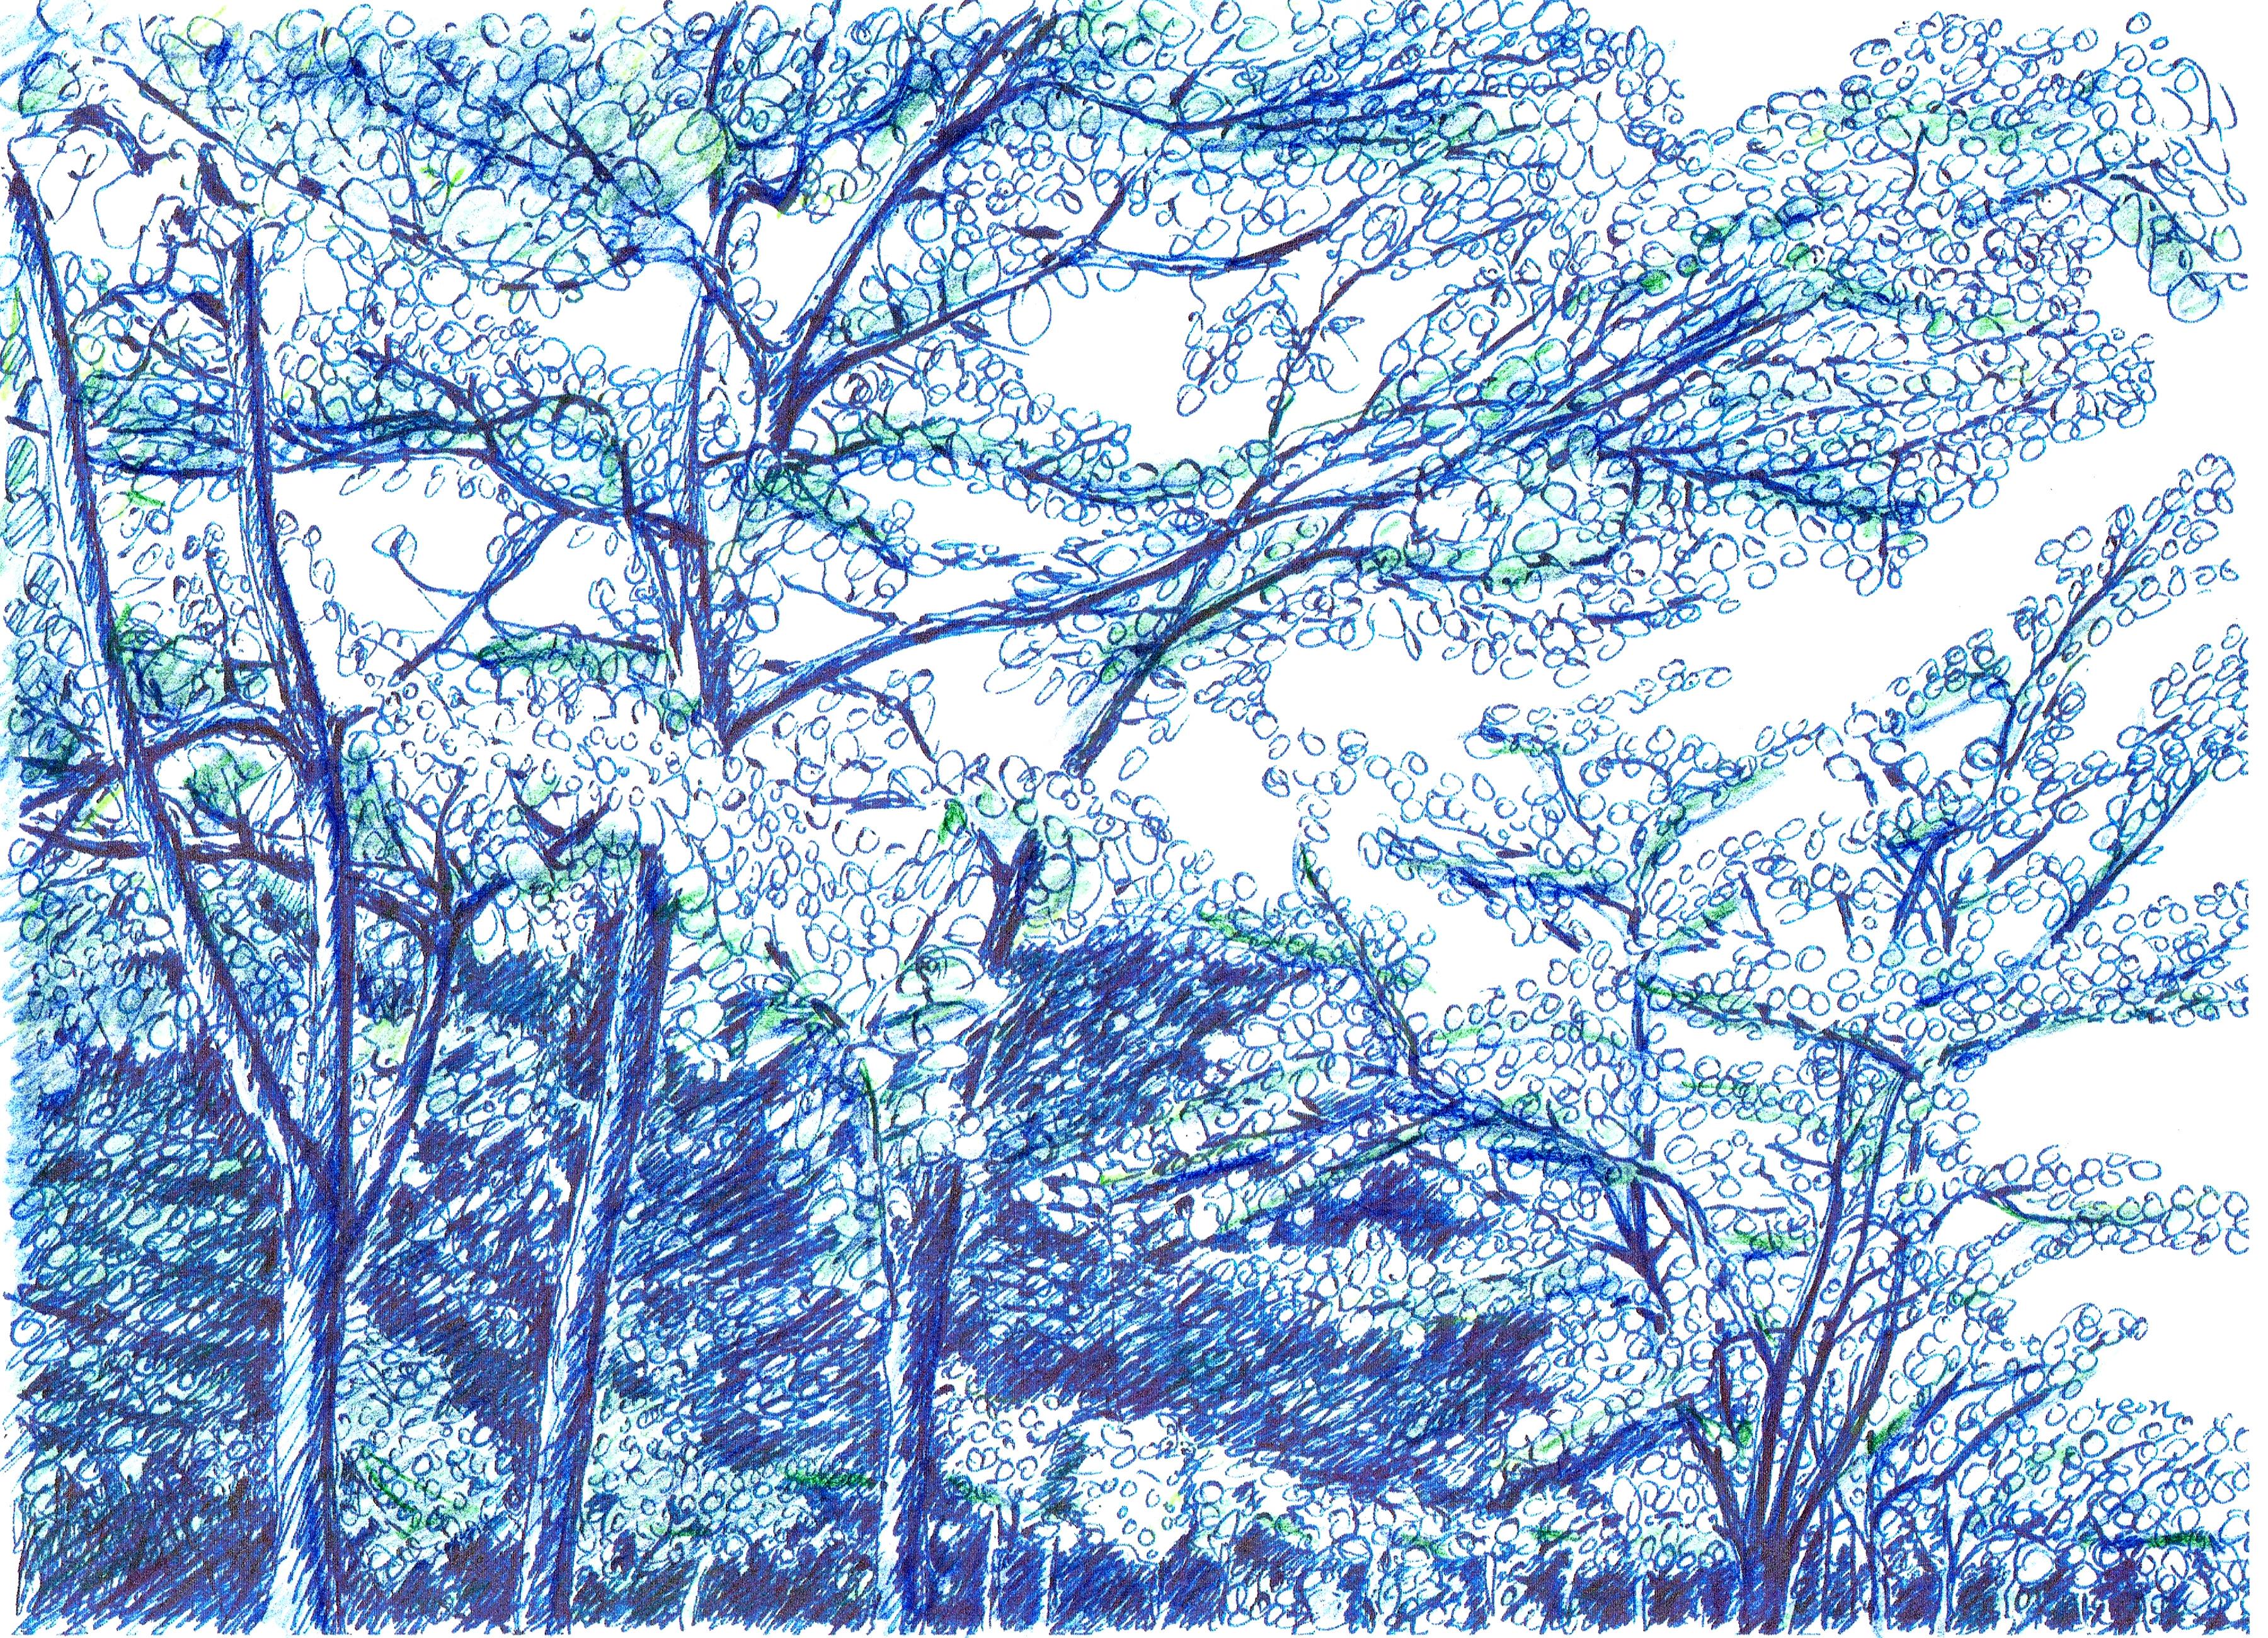 이팝나무 가로수 아래에서 - 계룡시 이팝나무 가로수